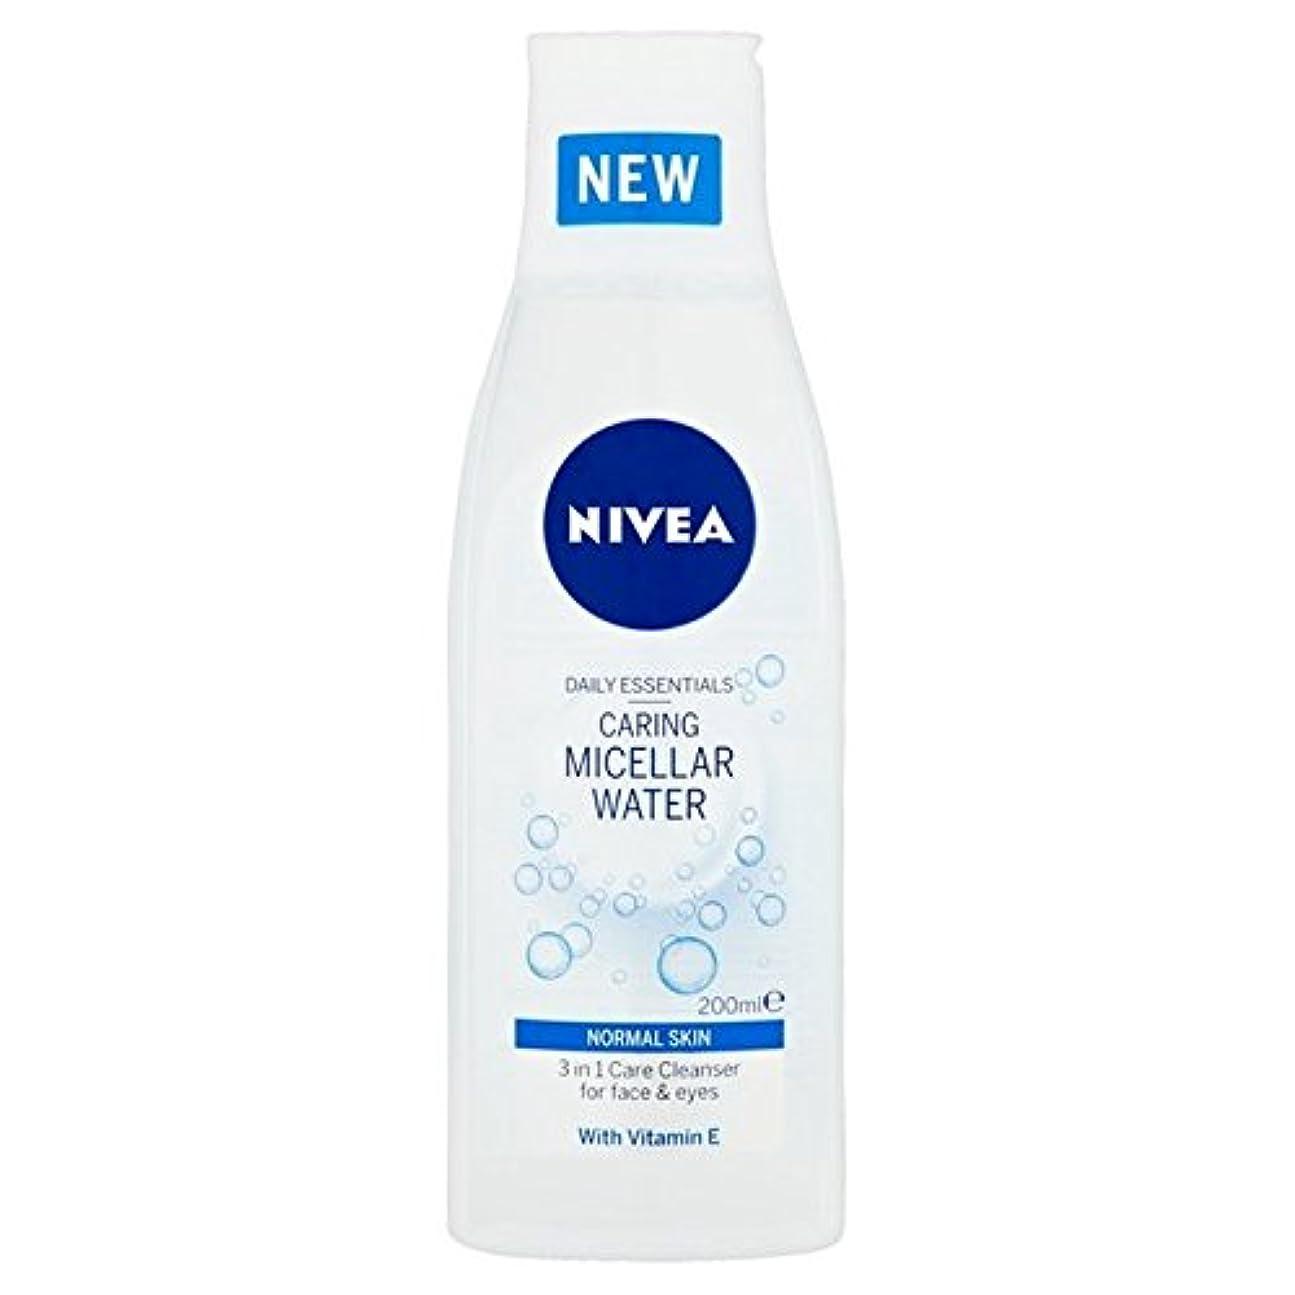 送信する遺棄された居眠りする1つの敏感な思いやりのあるミセル水の正常な皮膚の200ミリリットルでニベア3 x4 - Nivea 3 in 1 Sensitive Caring Micellar Water Normal Skin 200ml (Pack...